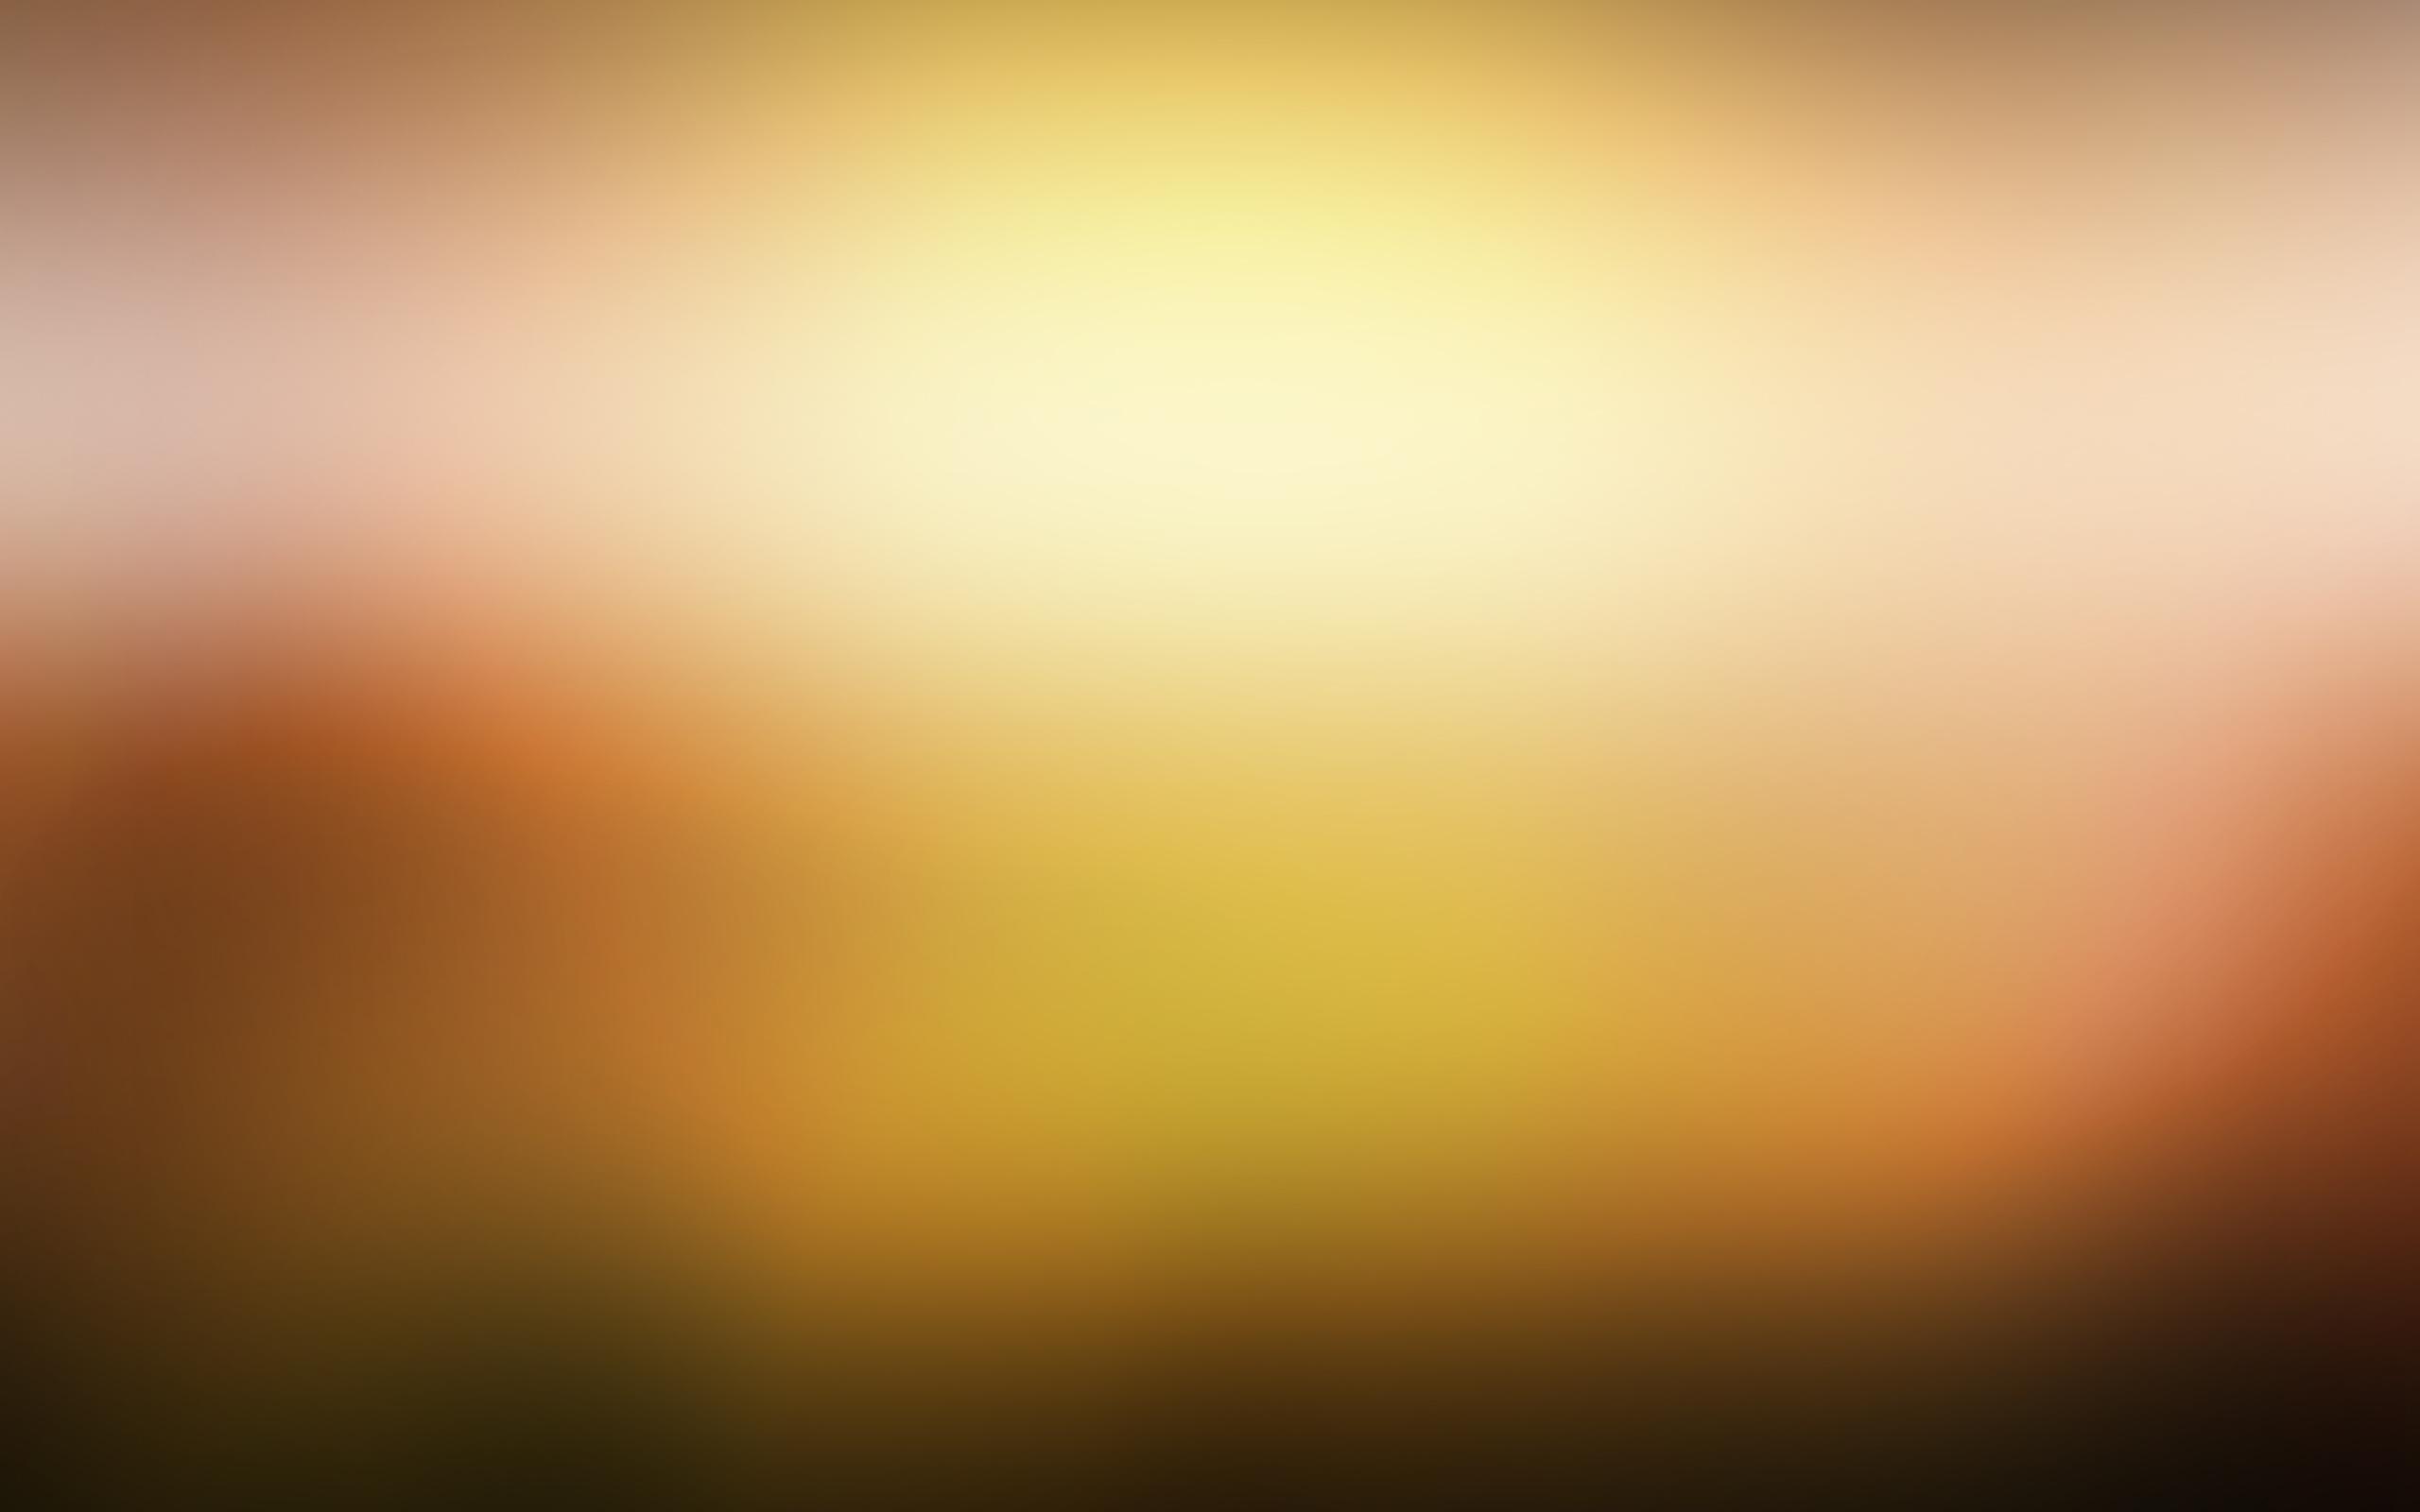 Hình nền powerpoint bức ảnh mờ cực đẹp